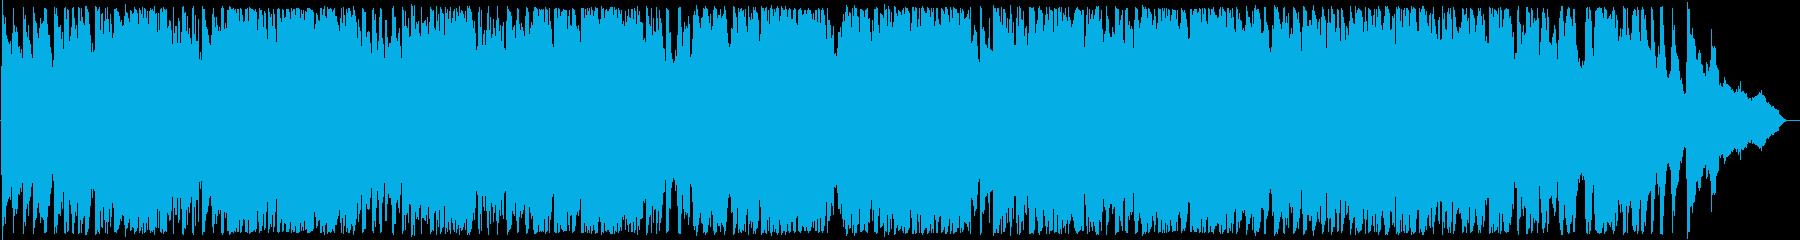 迫力ある弦楽器とピアノの演奏の再生済みの波形